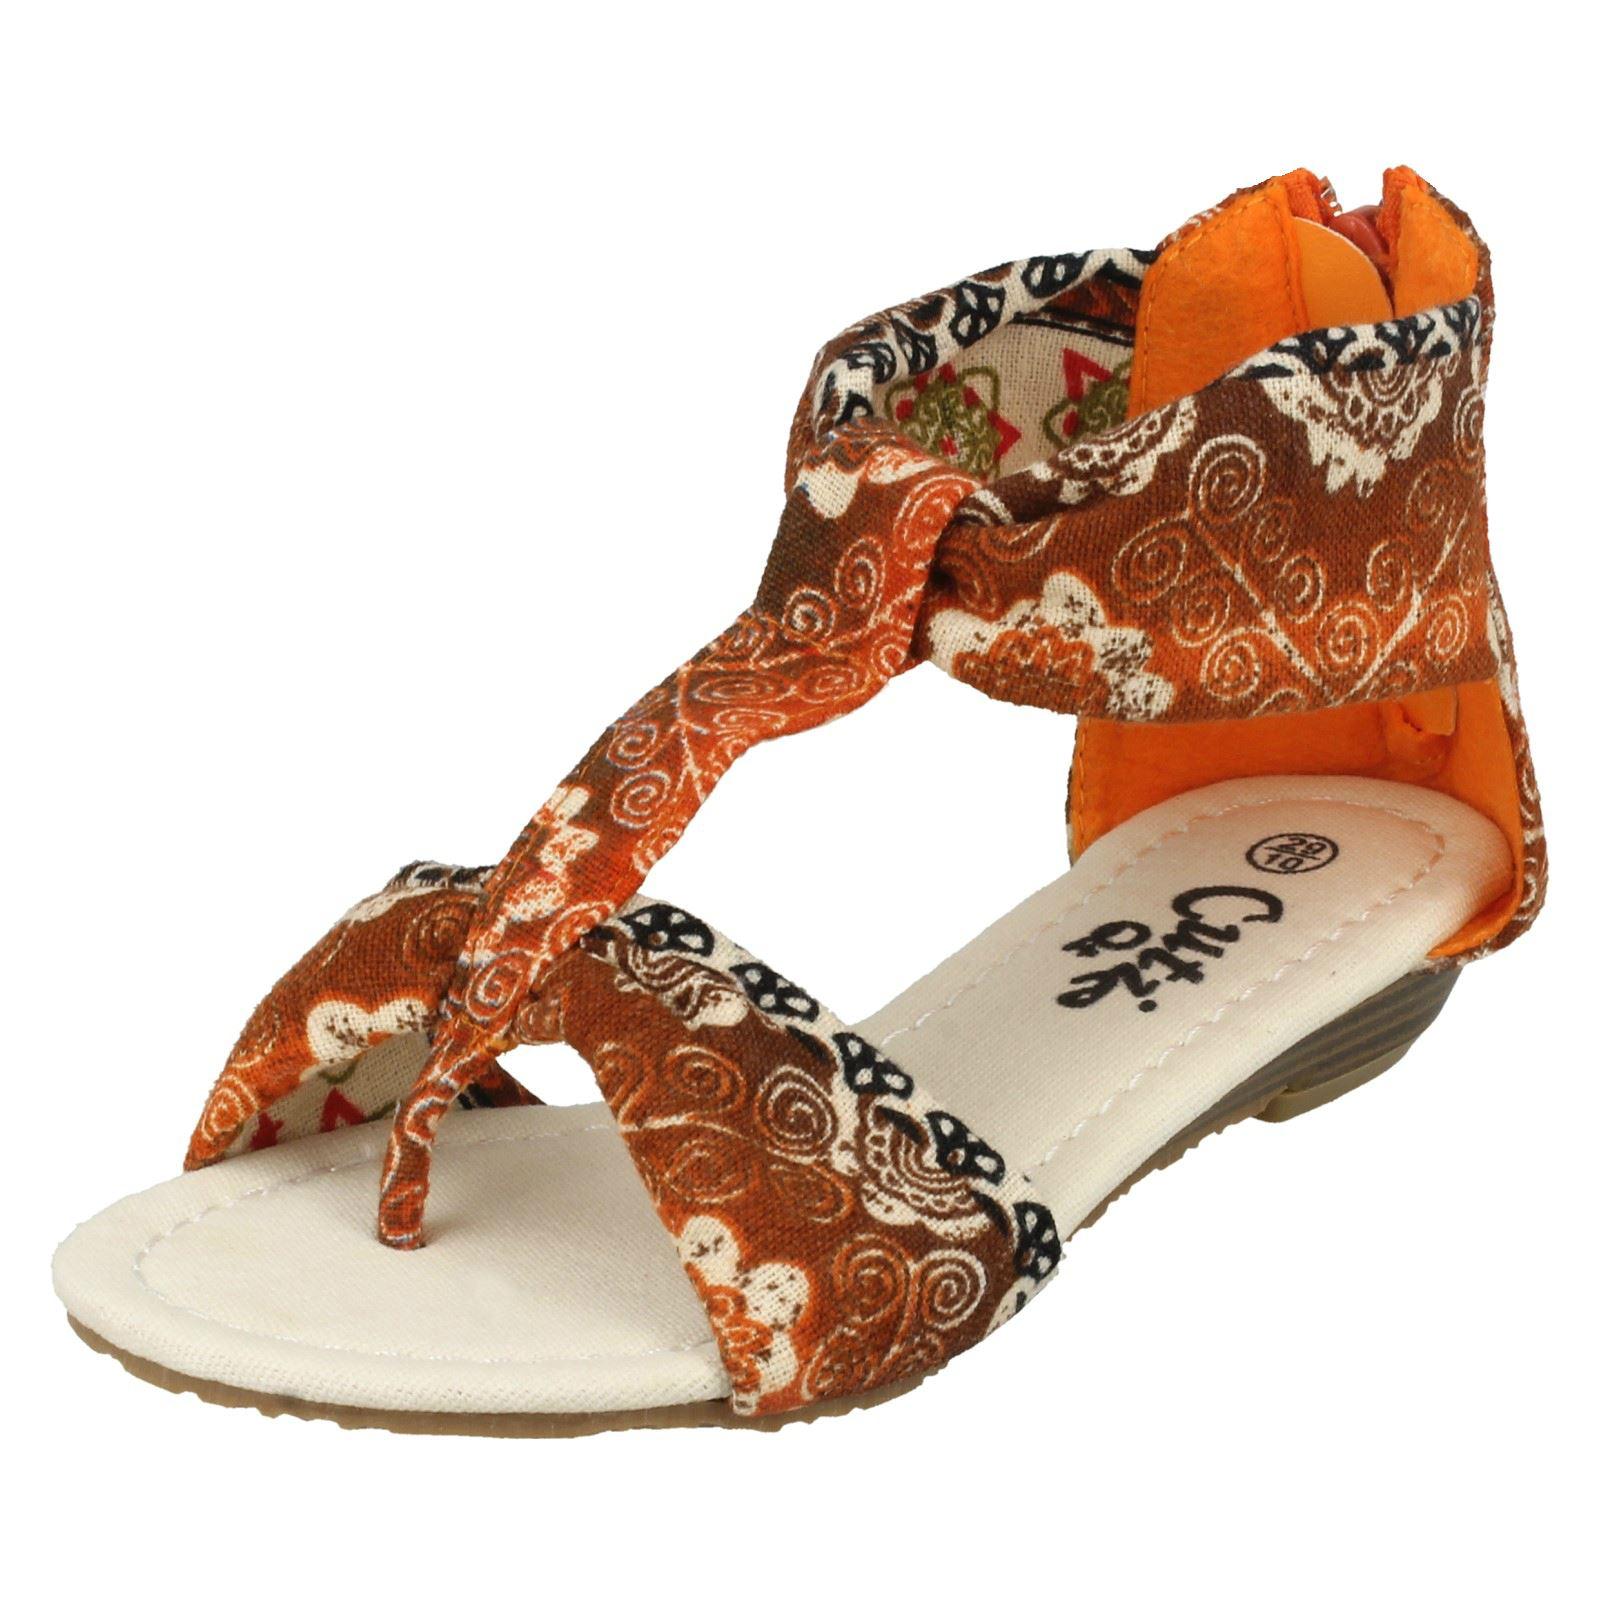 Chicas Cutie Pequeño Cuña Toe Post Sandalias de barra en T H0108